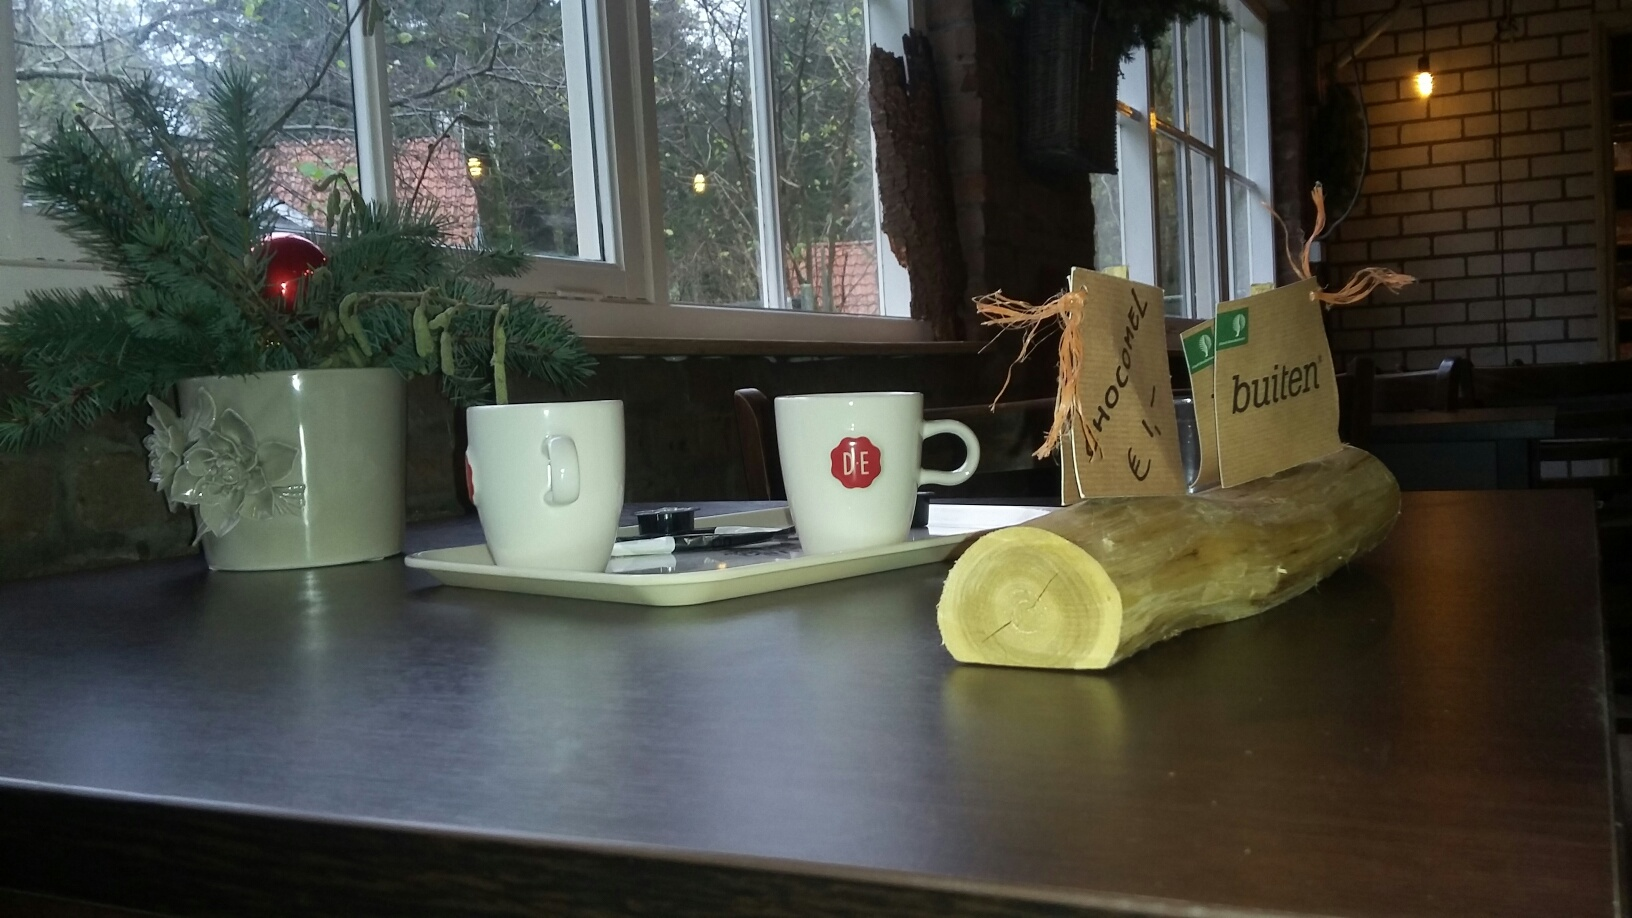 Nagenieten van een boswandeling met koffie of thee.